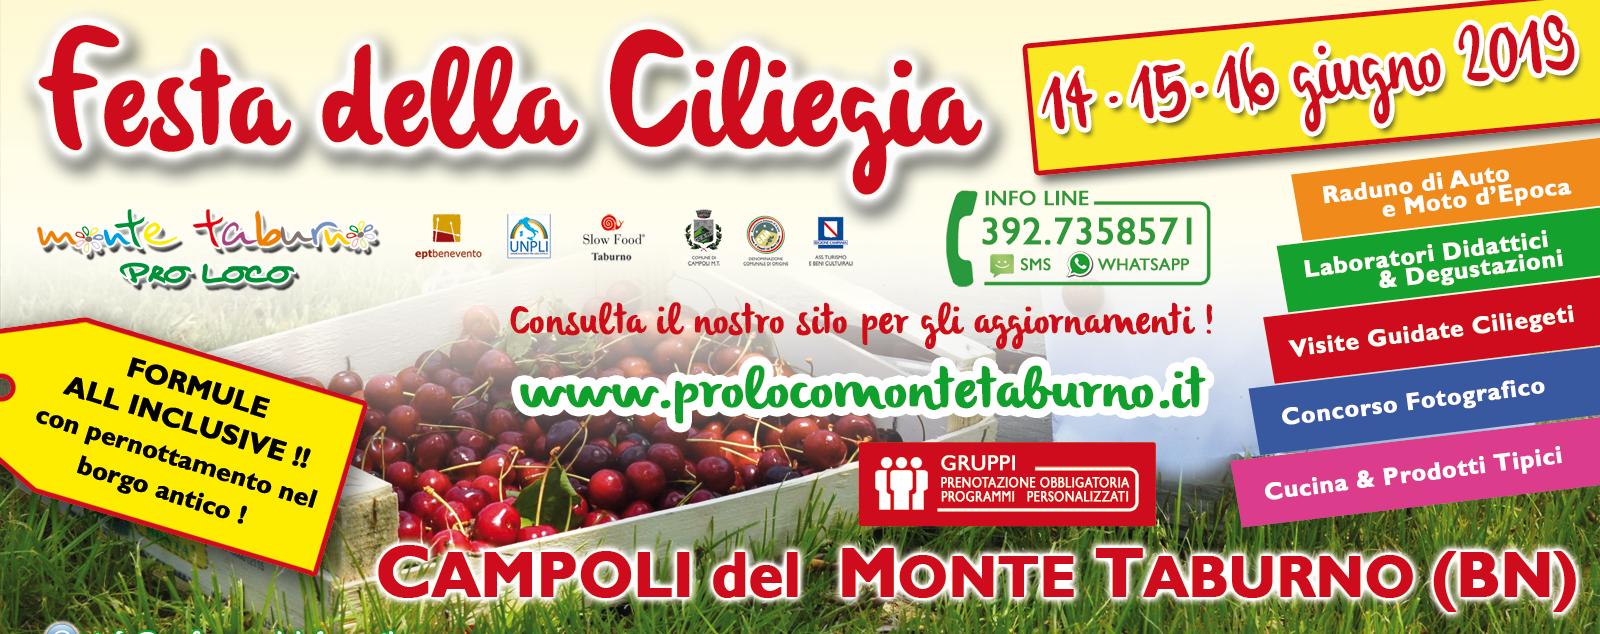 Cucina, laboratori didattici e visite guidate alla Festa della Ciliegia di Campoli Monte Taburno